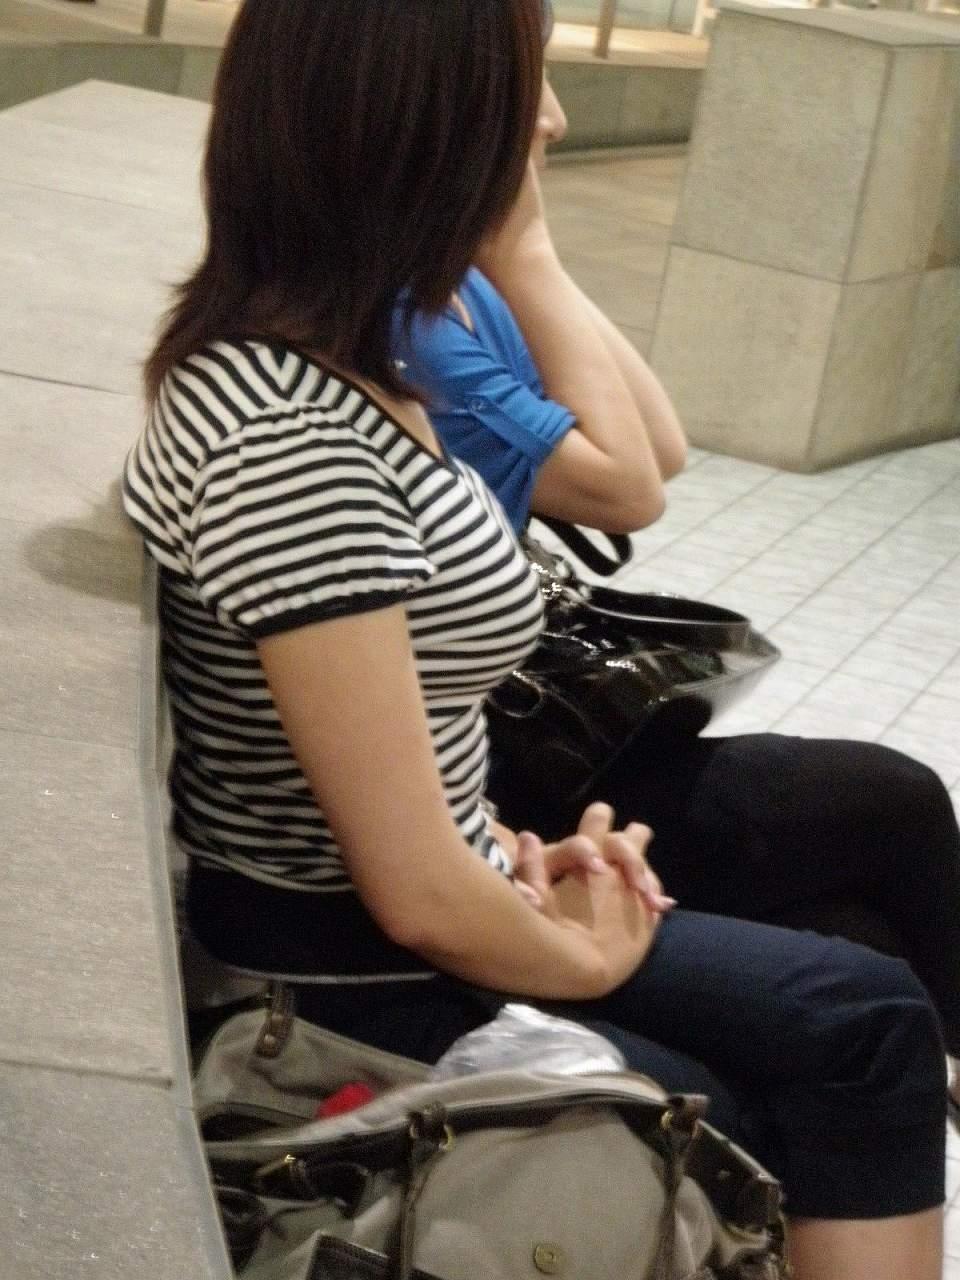 ベンチに座る着衣巨乳のお姉さん!